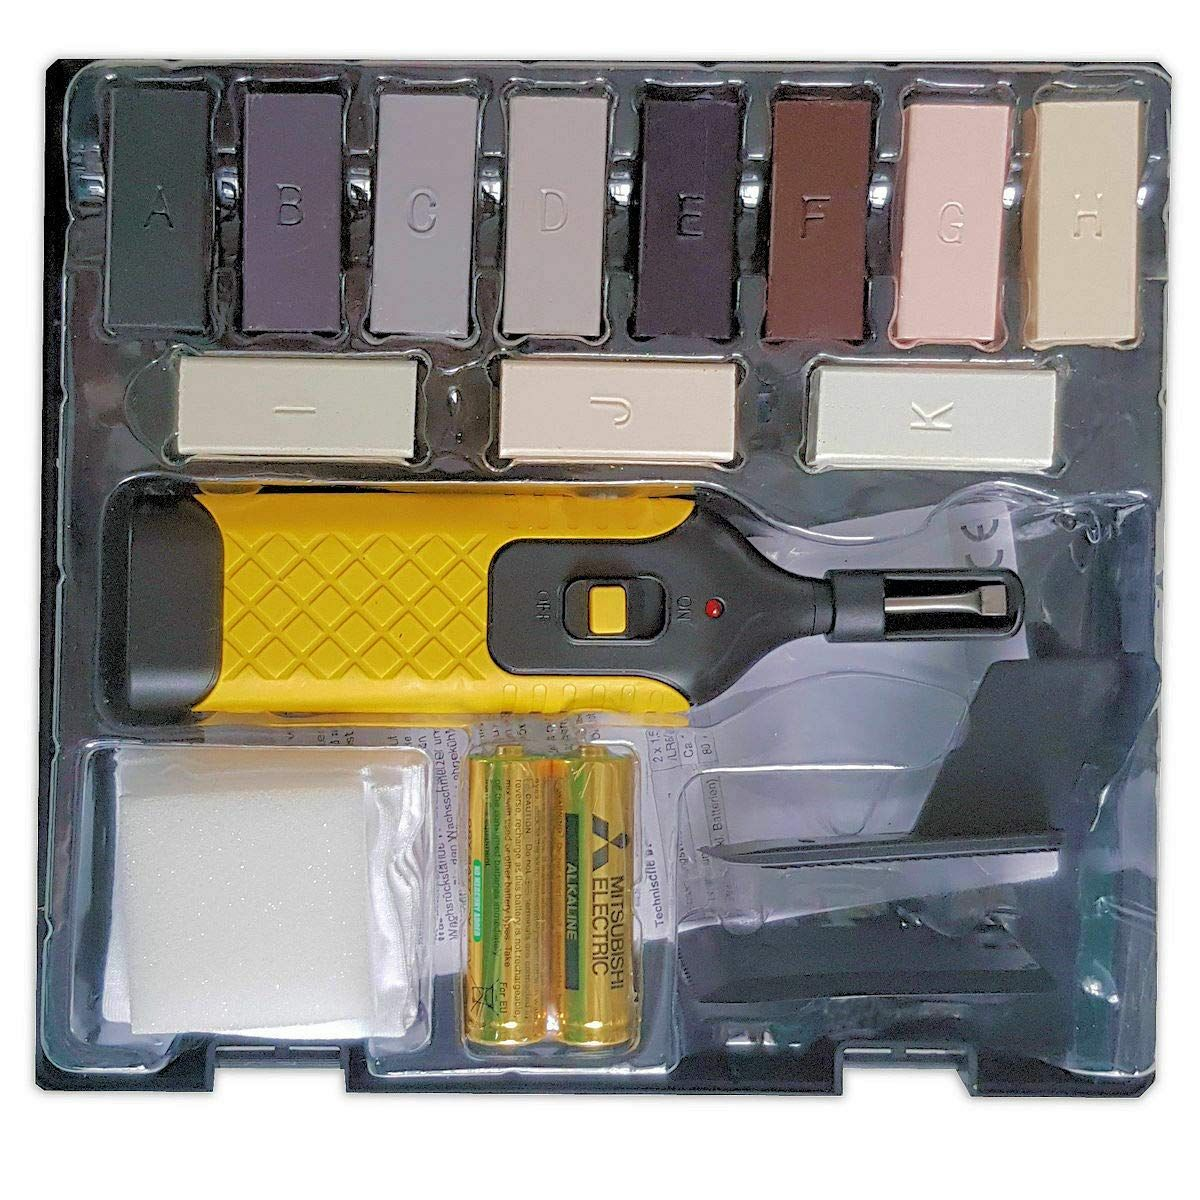 Vabiono Kunststoff Reparaturset Fur Kunststoff Oberflachen Arbeitsplatte Pvc Vinyl Linoleum In 2020 Reparatur Arbeitsplatte Linoleum